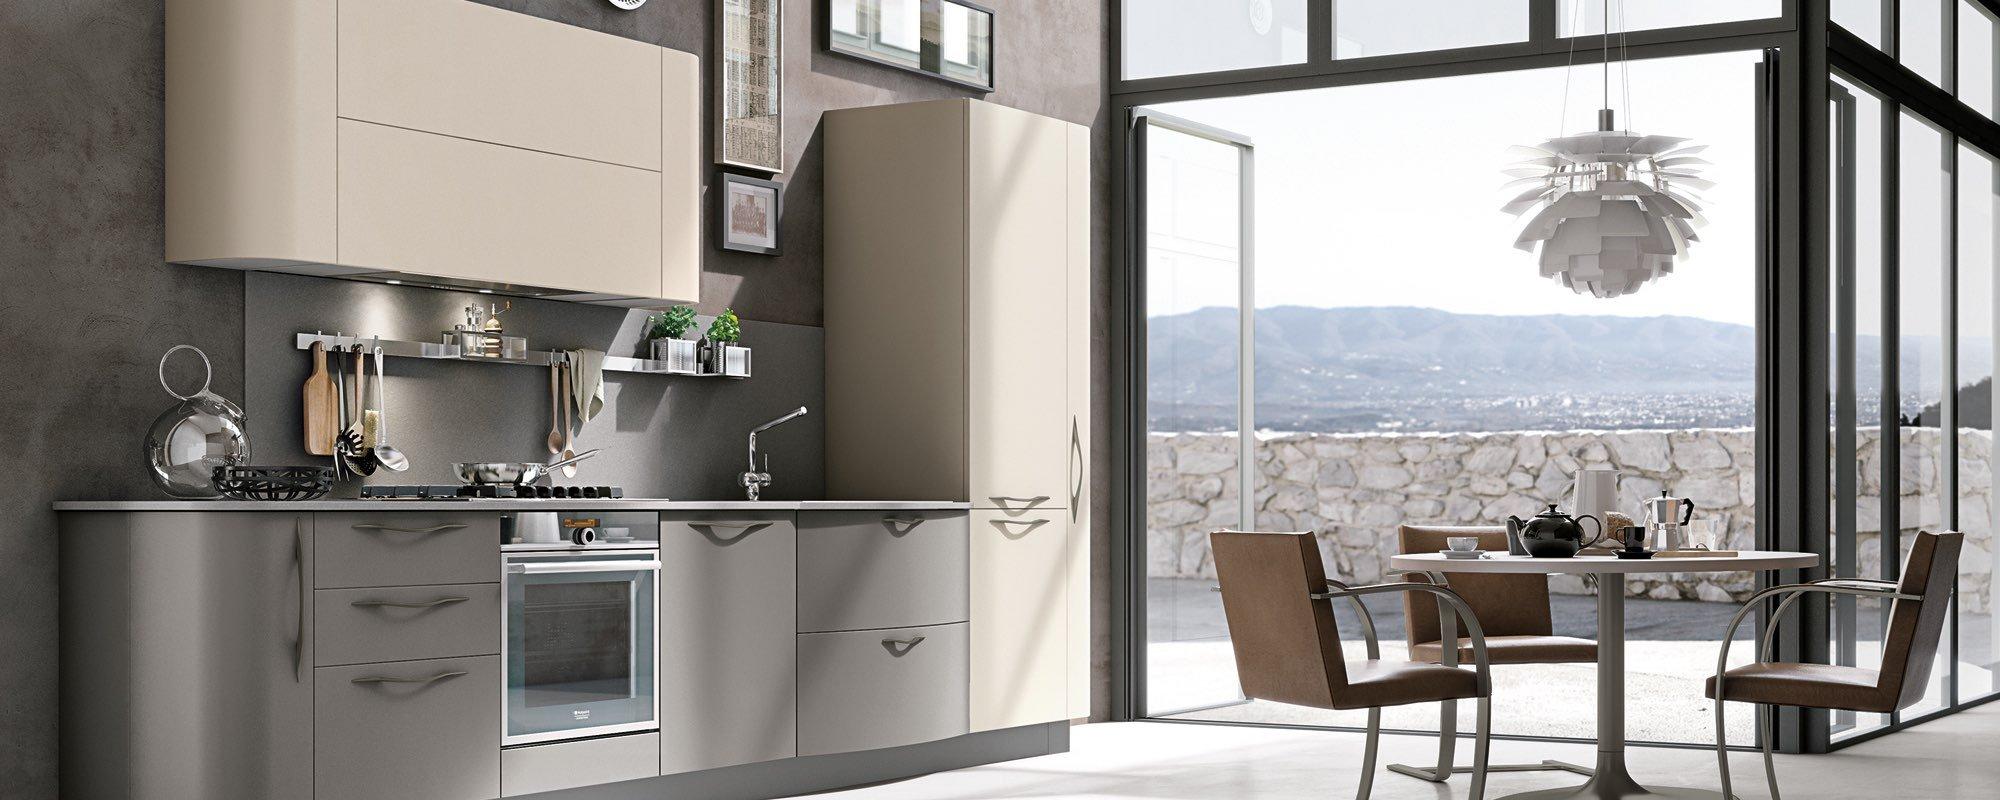 salotto con cucina moderna e porte in vetro -Maya